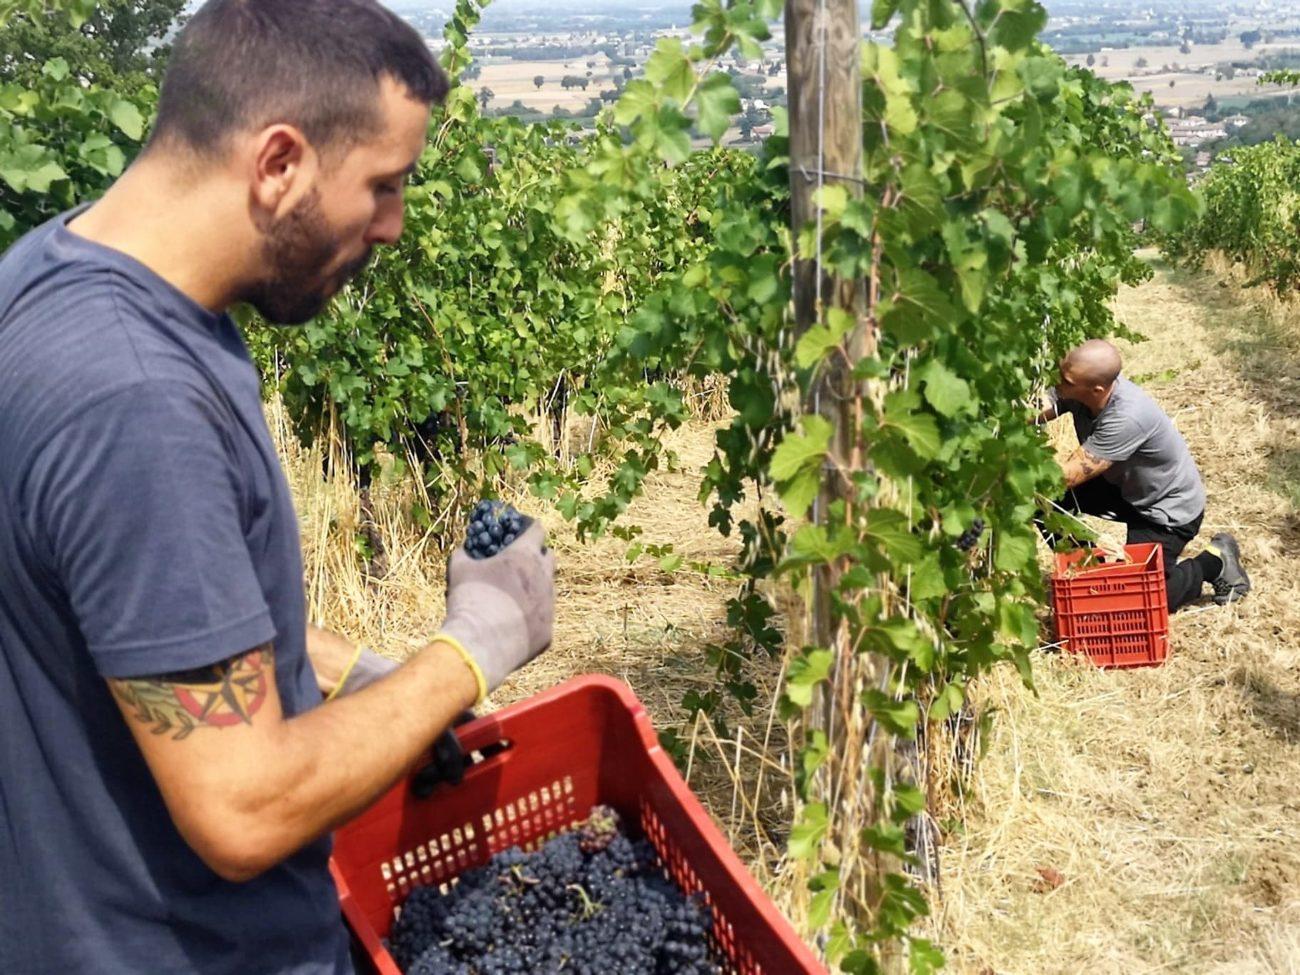 Ristoranti chiusi ed export a picco: viticoltura lombardia in difficoltà a metà 2020